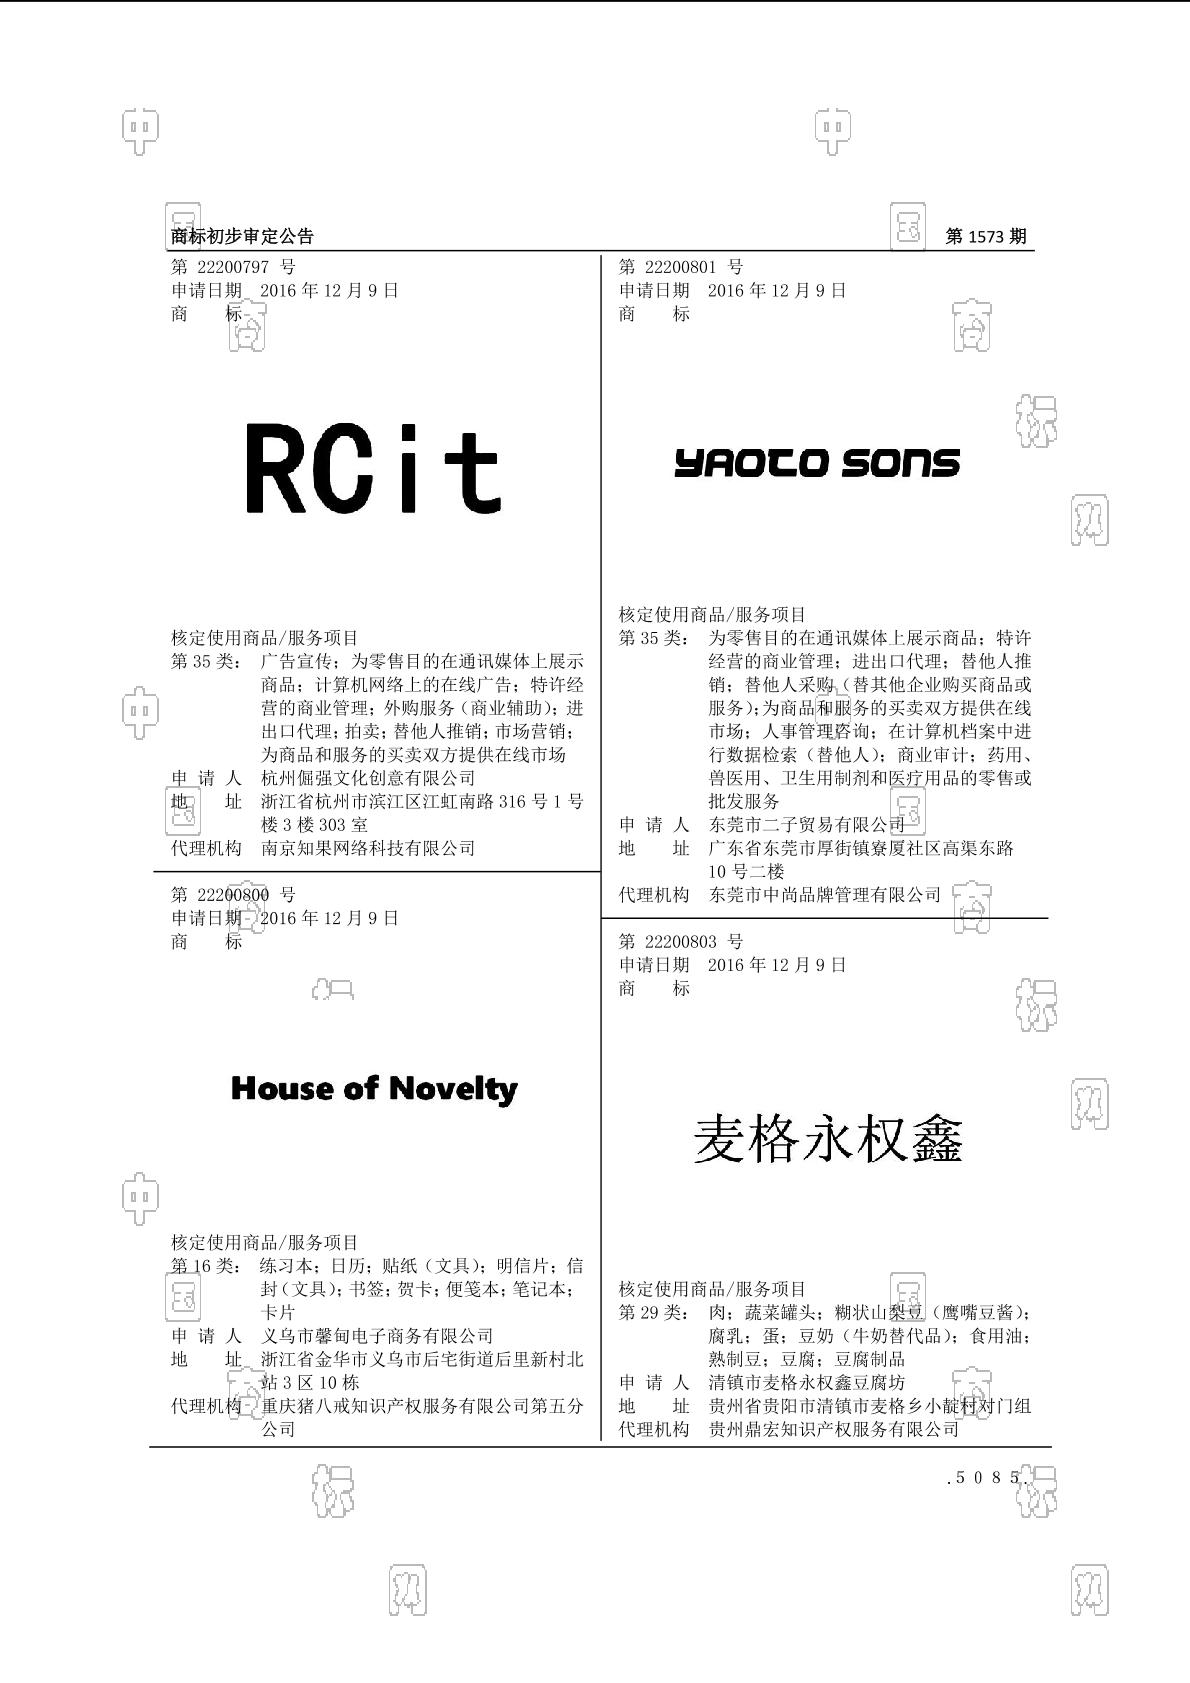 【社标网】YAOTO SONS商标状态注册号信息 东莞市二子贸易有限公司商标信息-商标查询